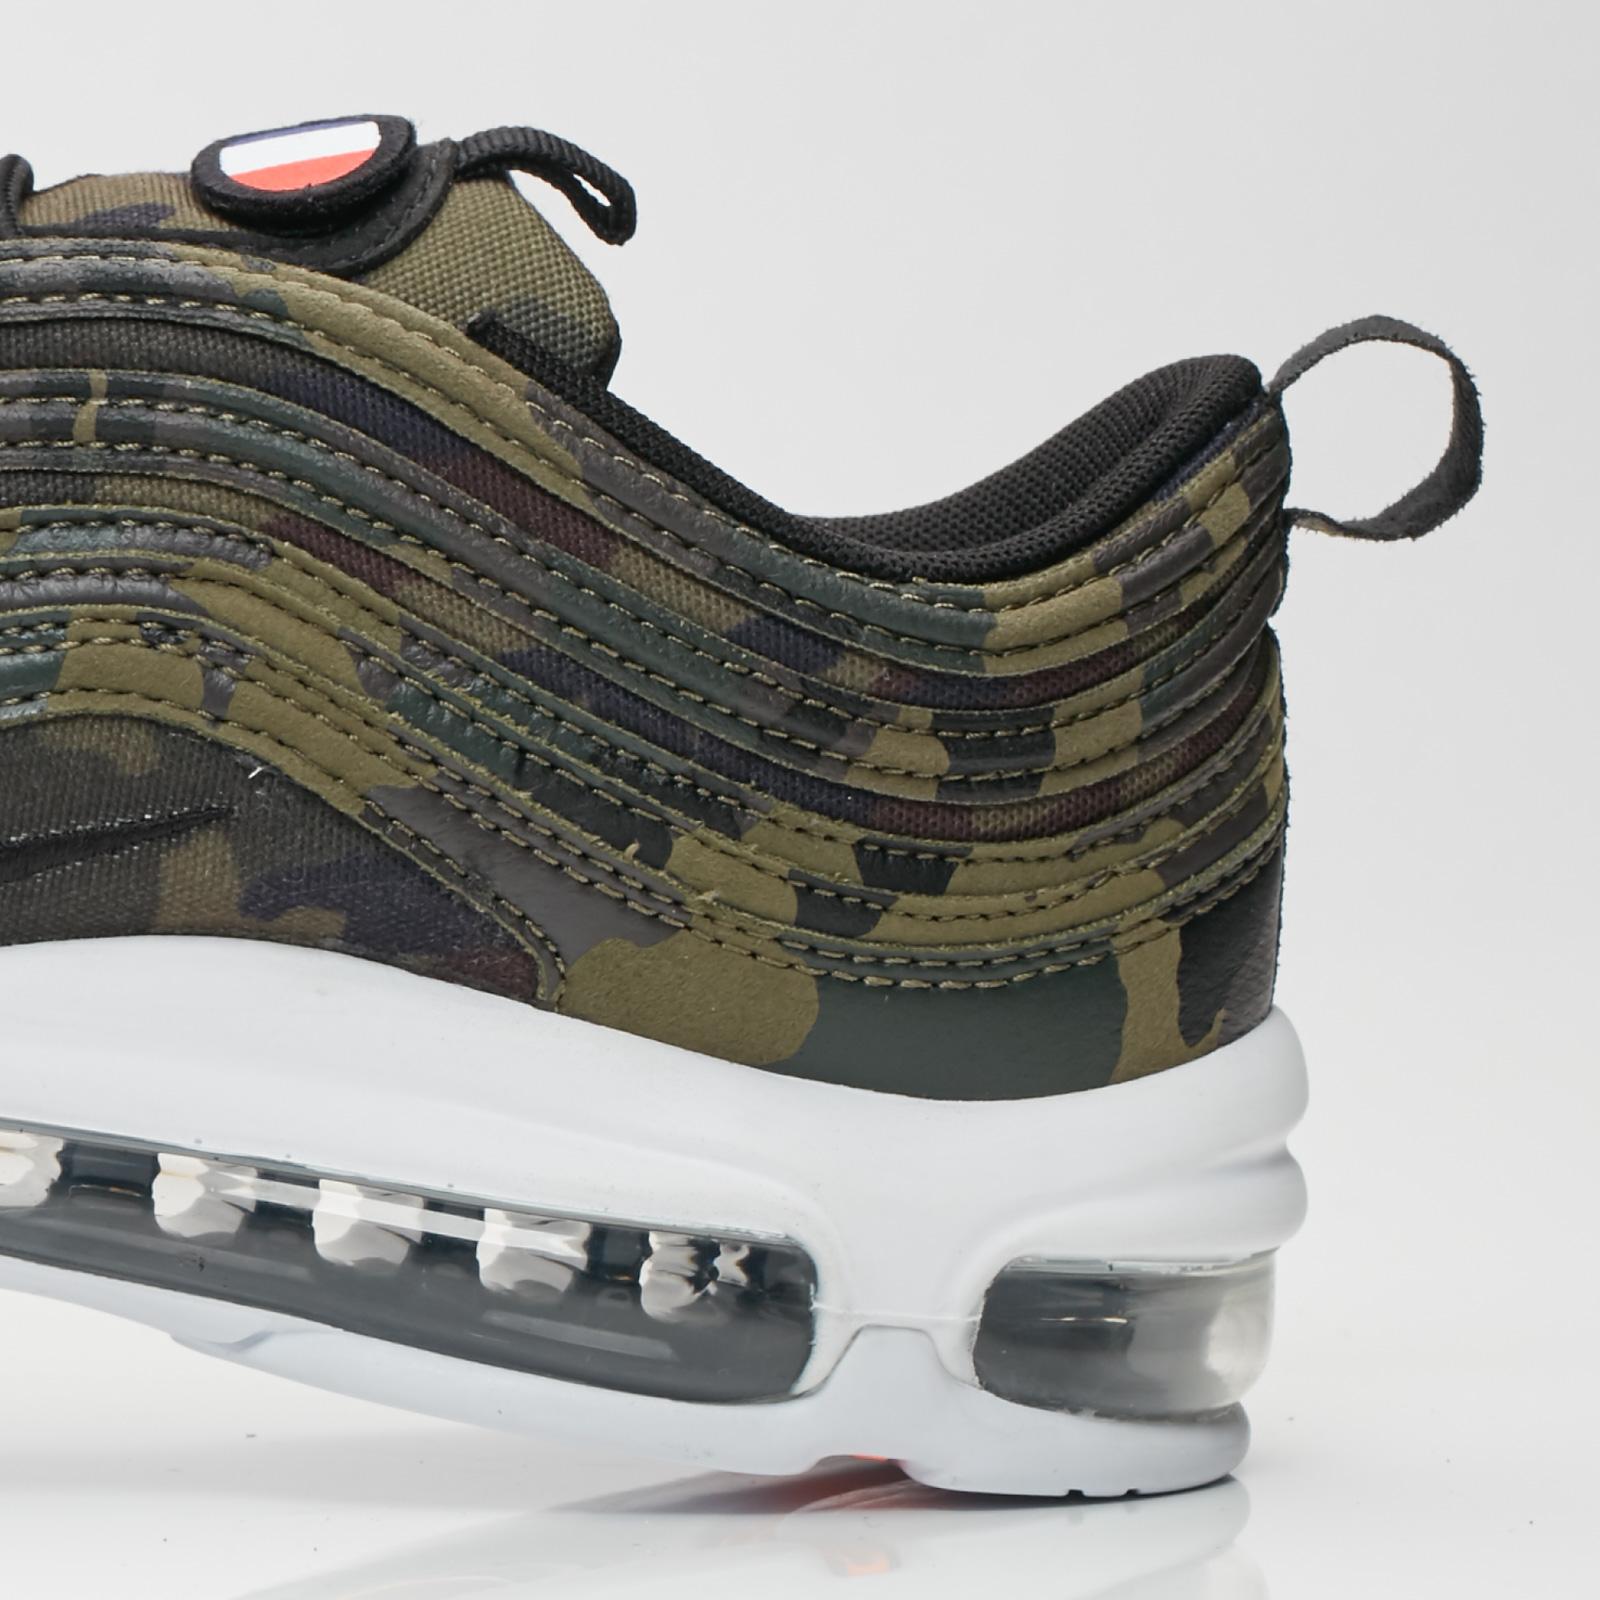 Nike Air Max 97 Premium QS Country Camo Pack Aj2614 200